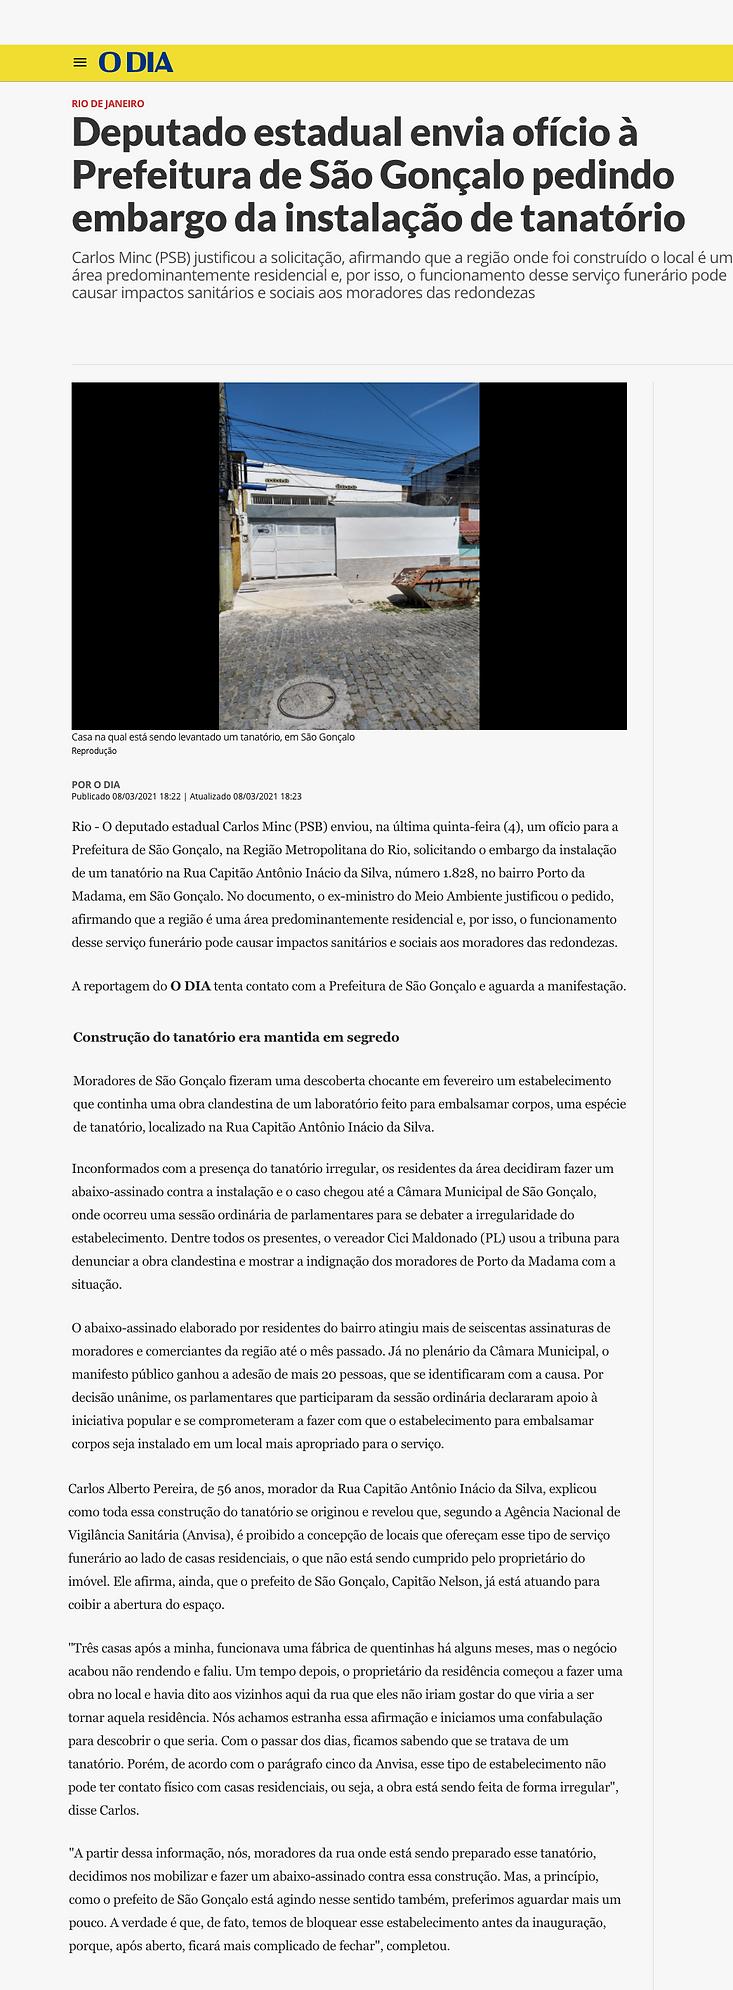 screenshot-odia.ig.com.br-2021.03.11-12_